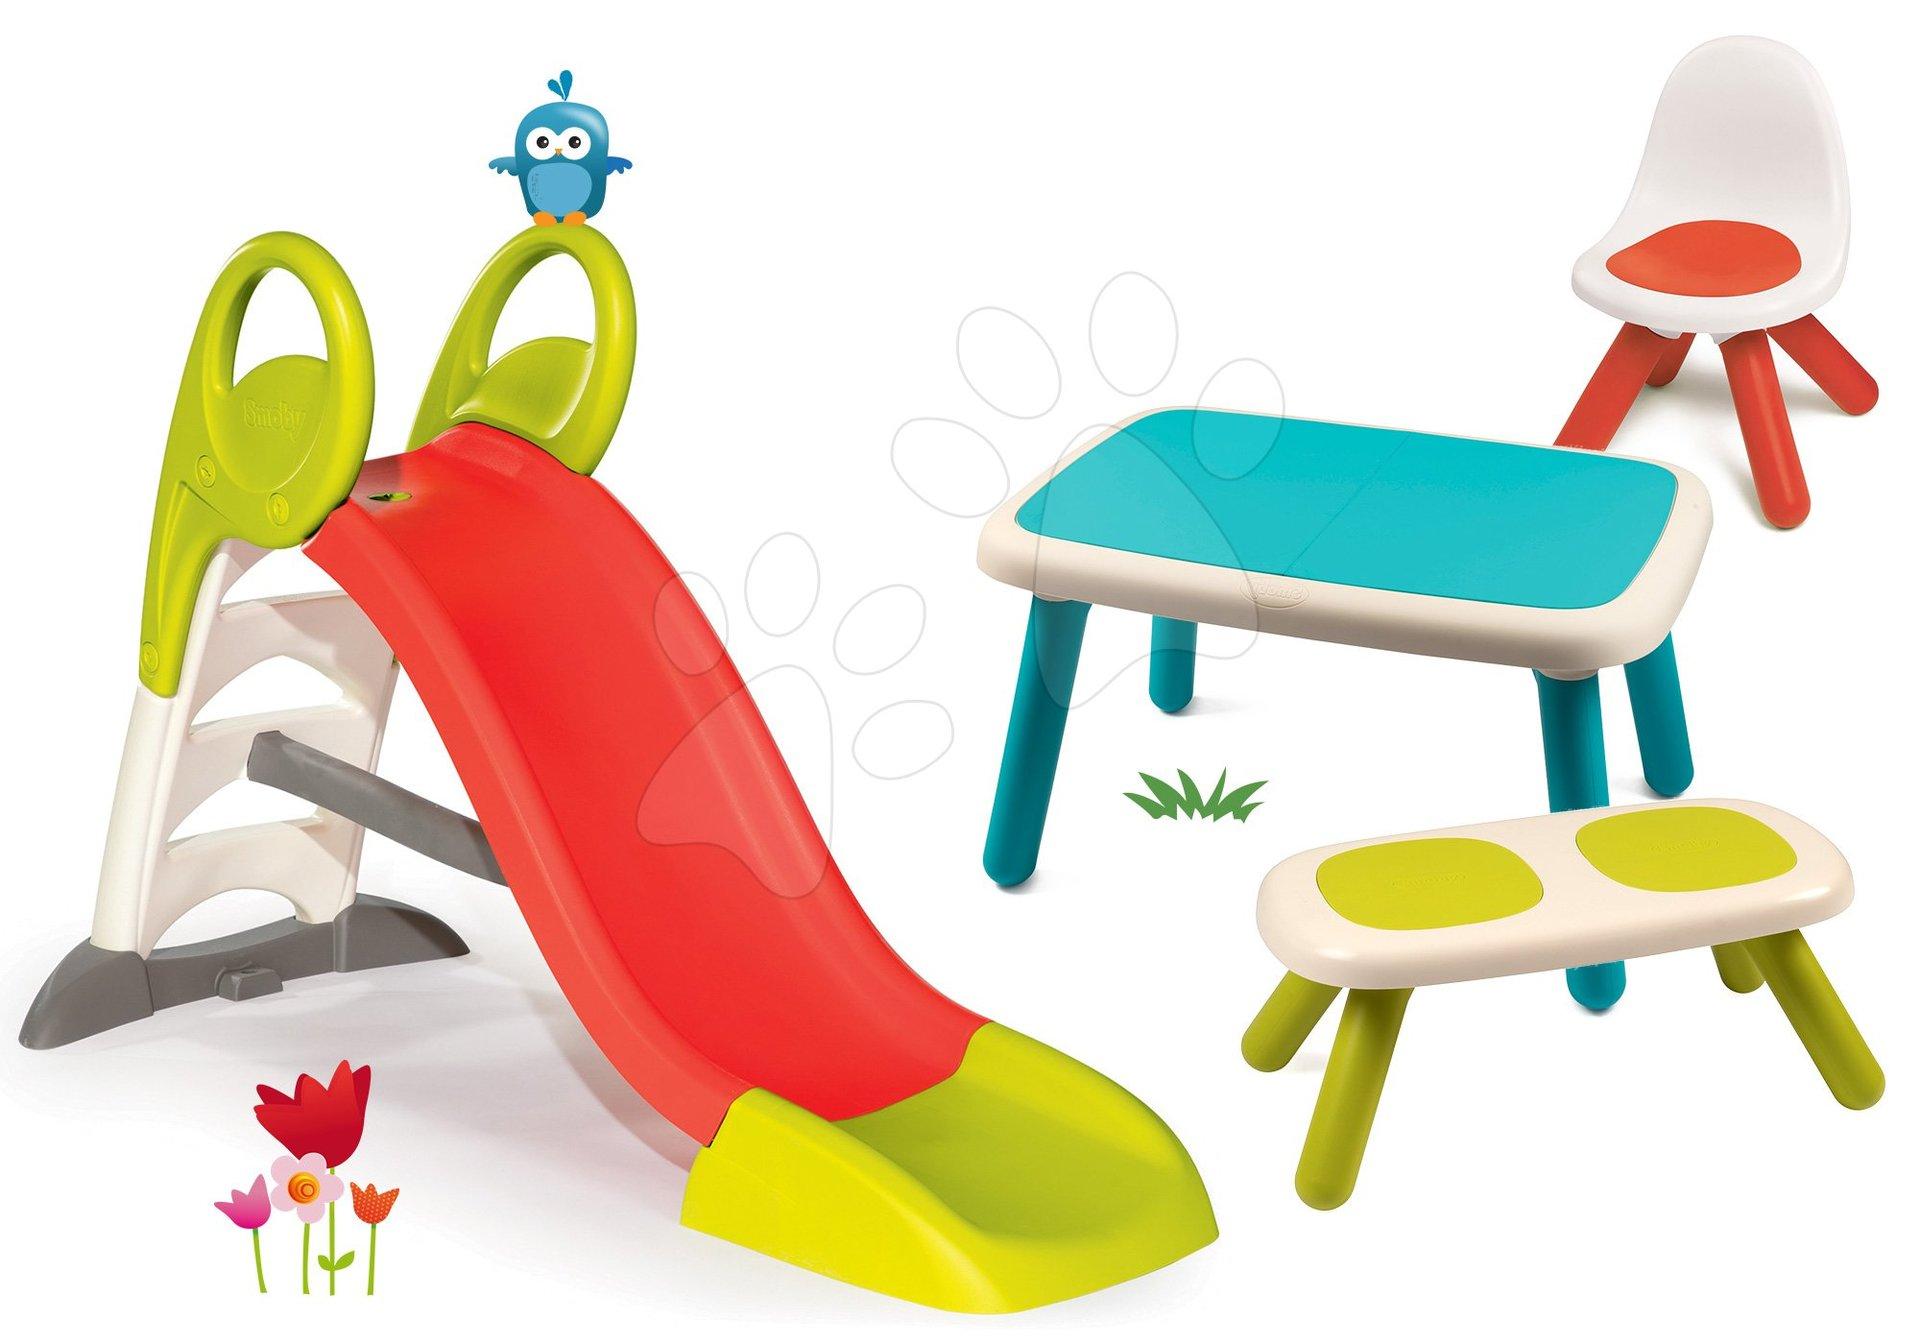 Set skluzavka Toboggan KS Smoby délka 150 cm a piknik stolek se židlí a lavičkou KidChair